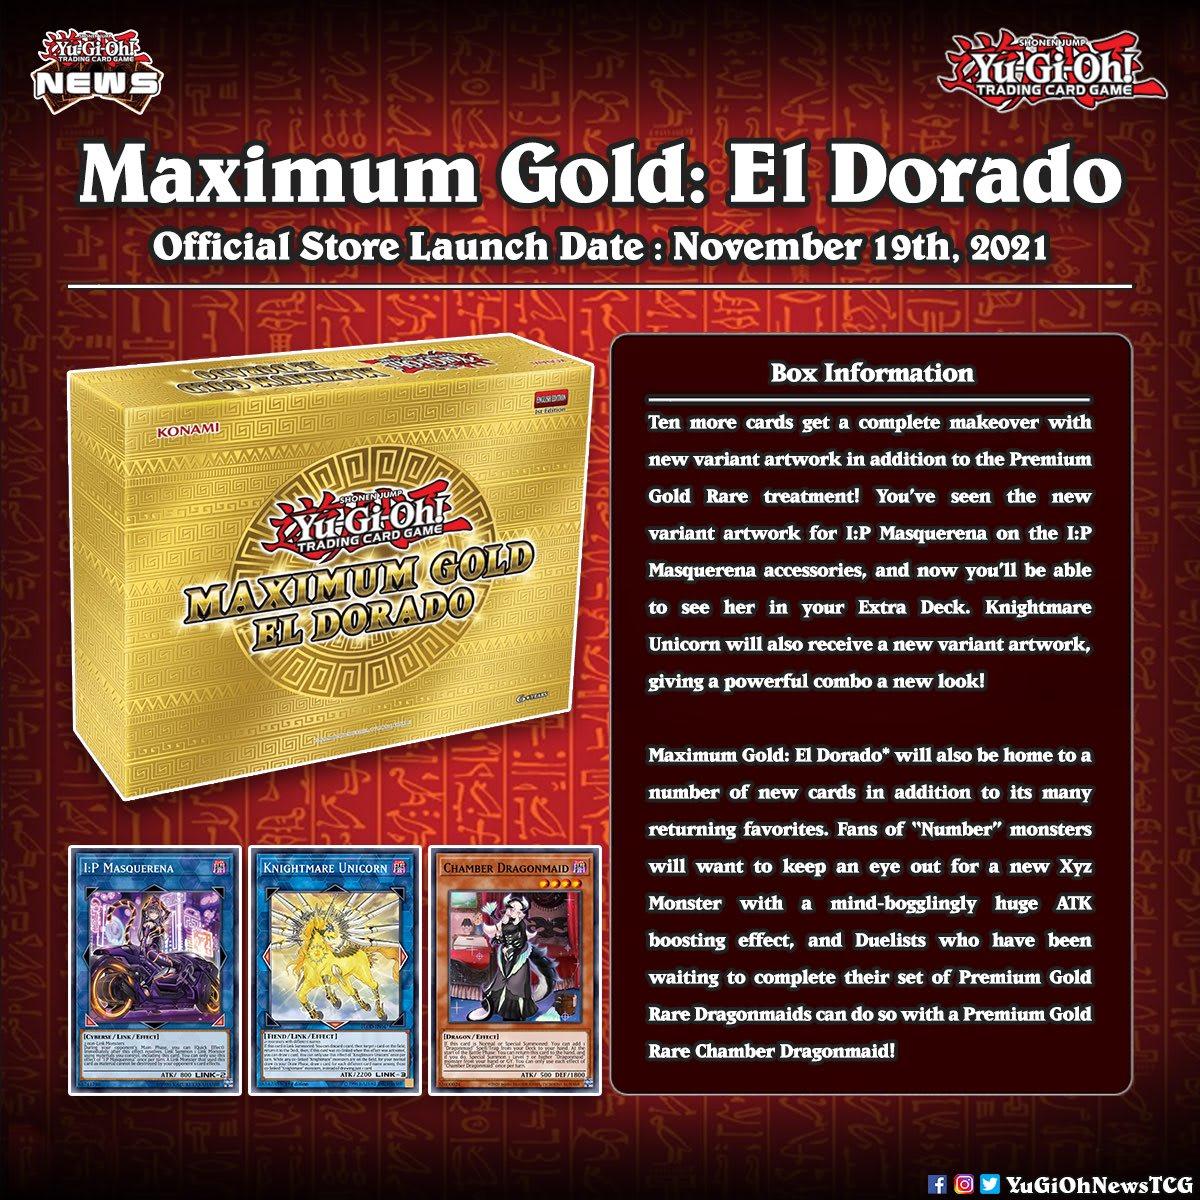 Yu-Gi-Oh! Maximum Gold: El Dorado Box KONAMI (KON941744)